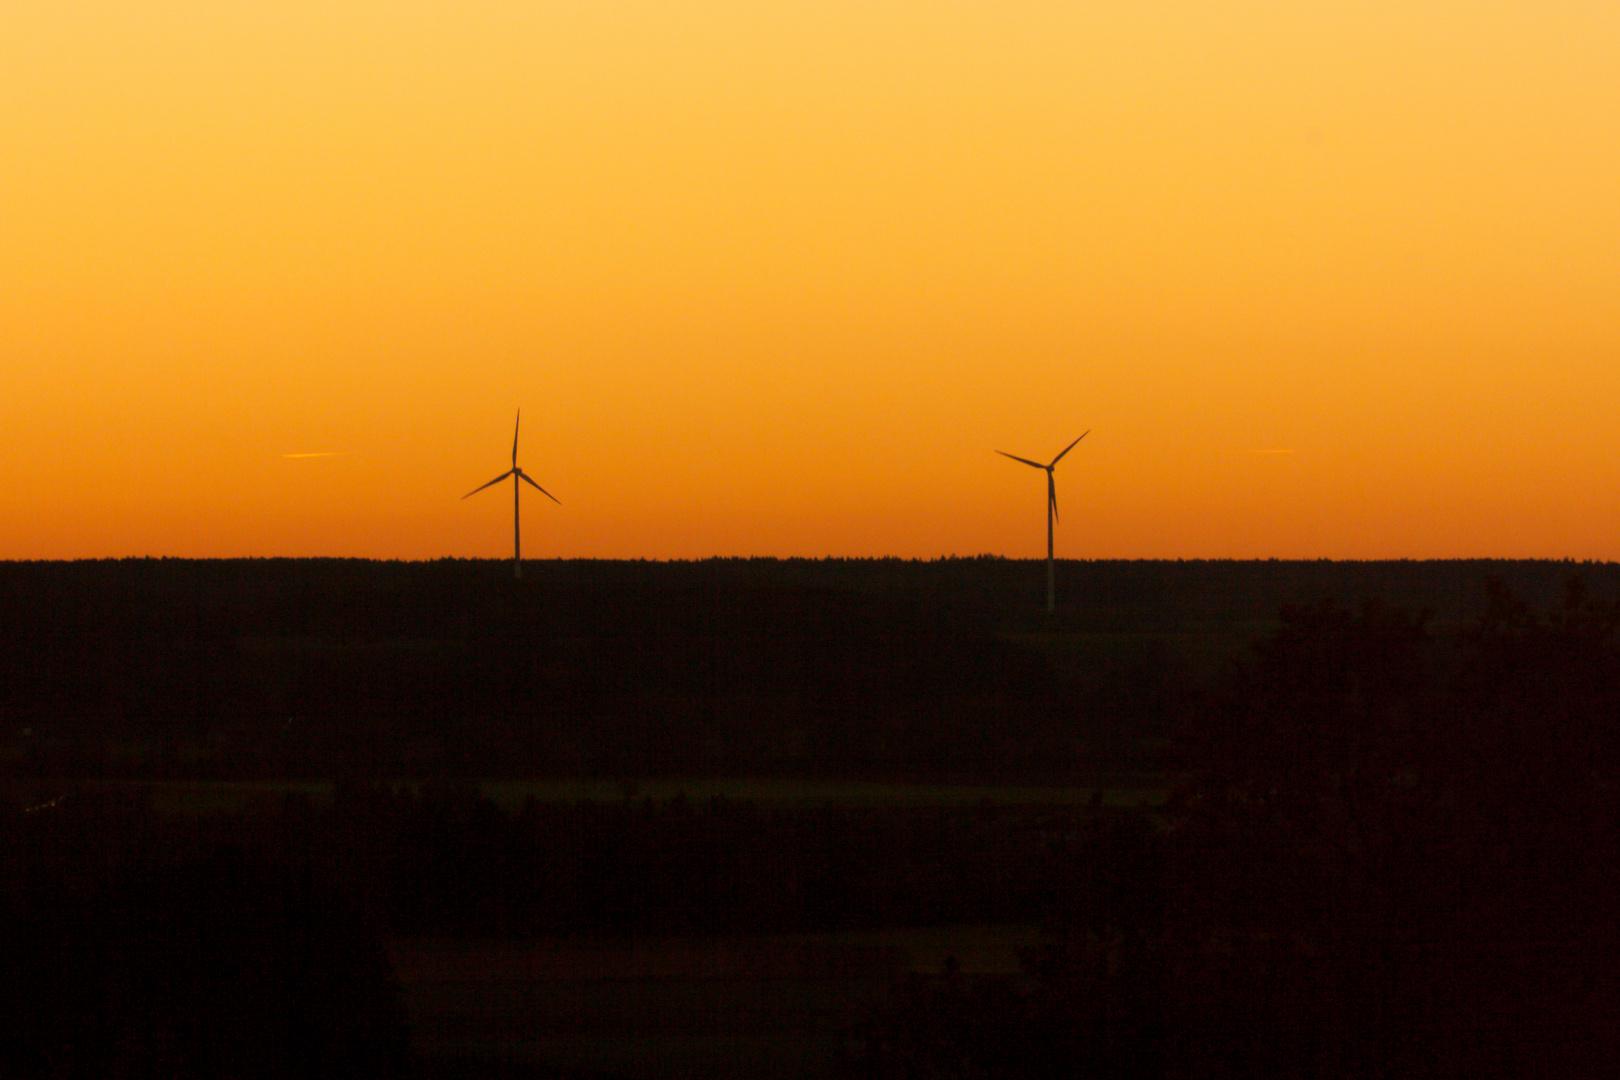 Unsere Energiewende bei Sonnenuntergang